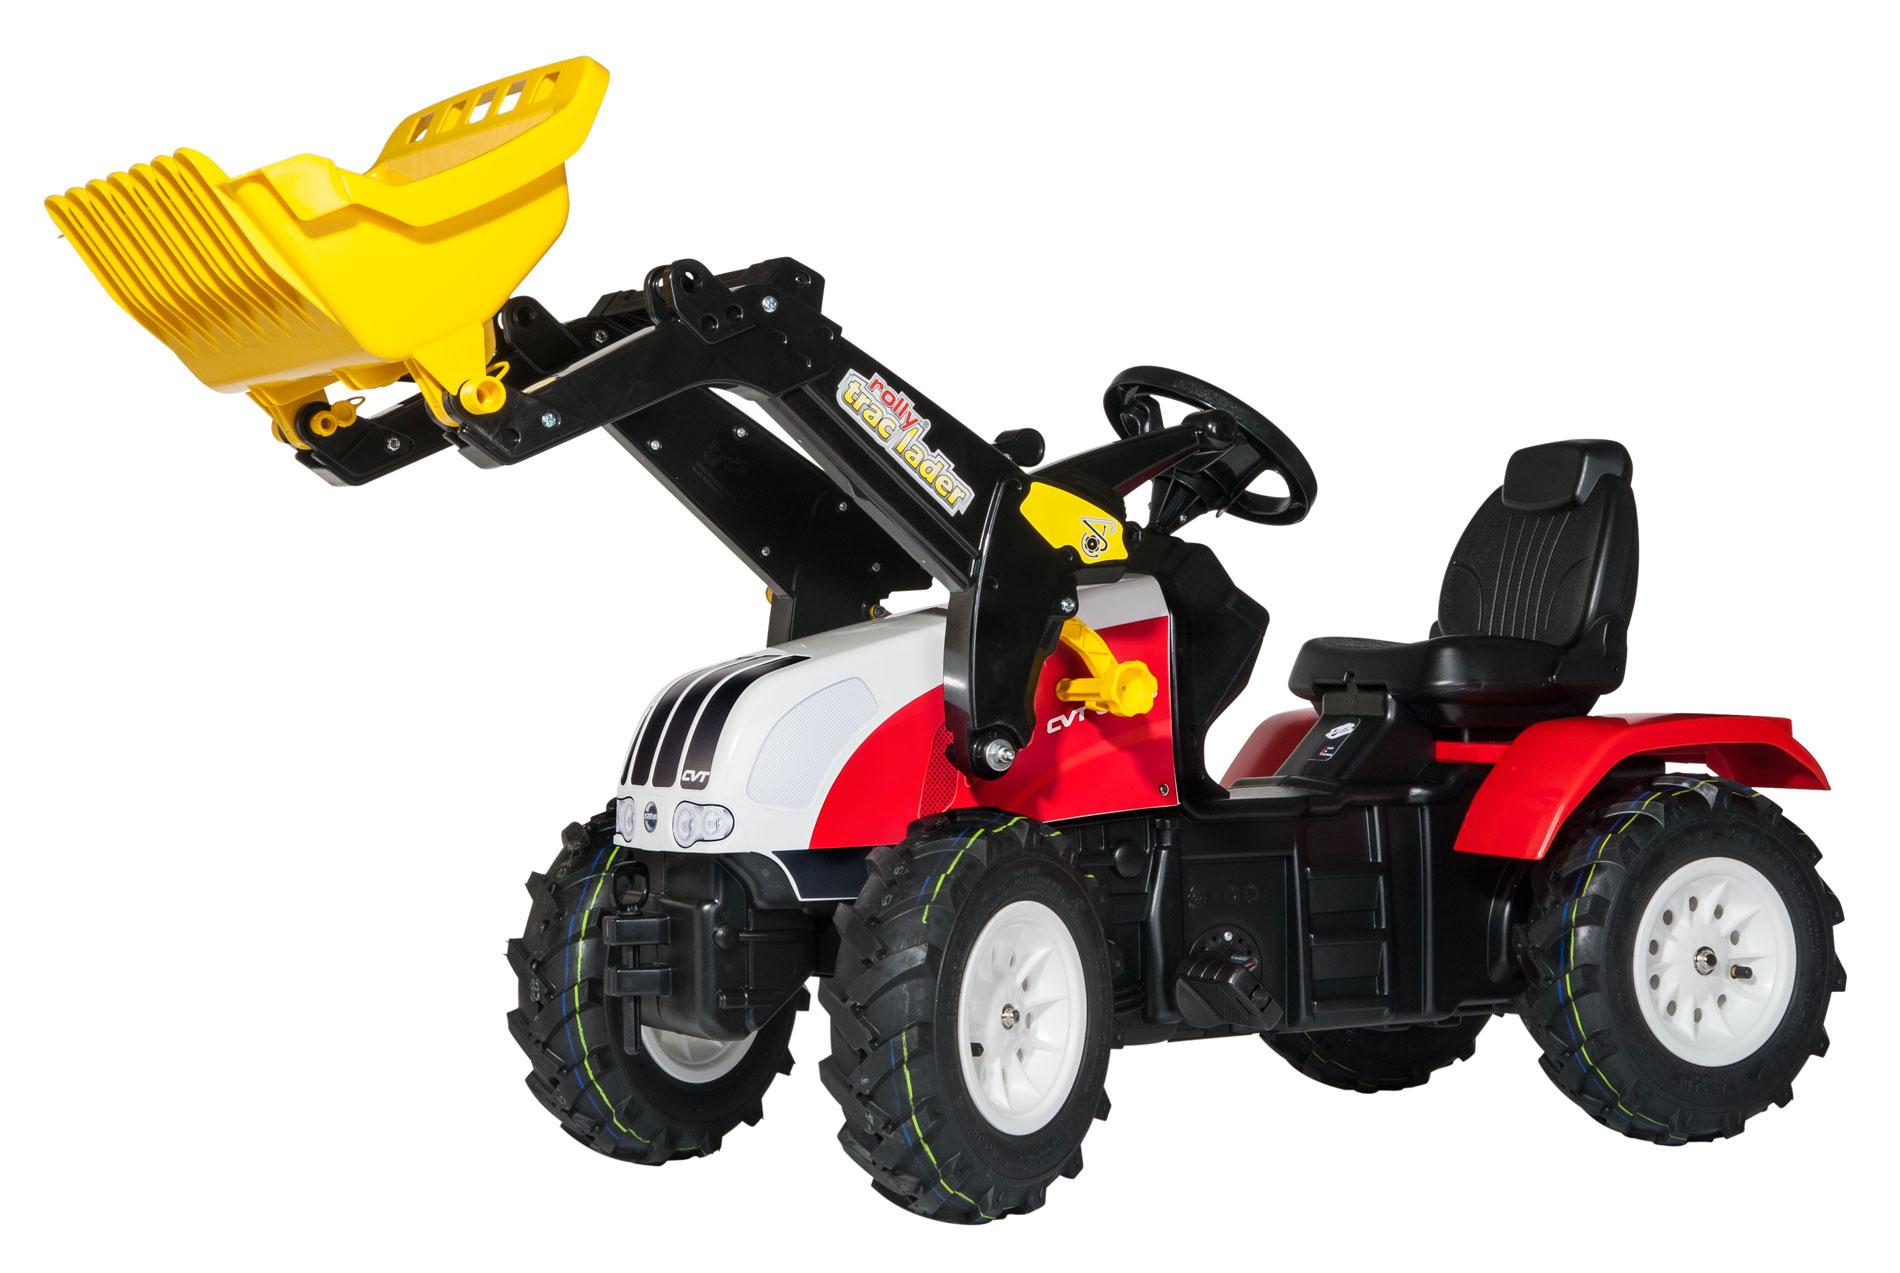 Trettraktor rolly Farmtrac Steyr CVT 6230 Luftbereif. - Rolly Toys Bild 1